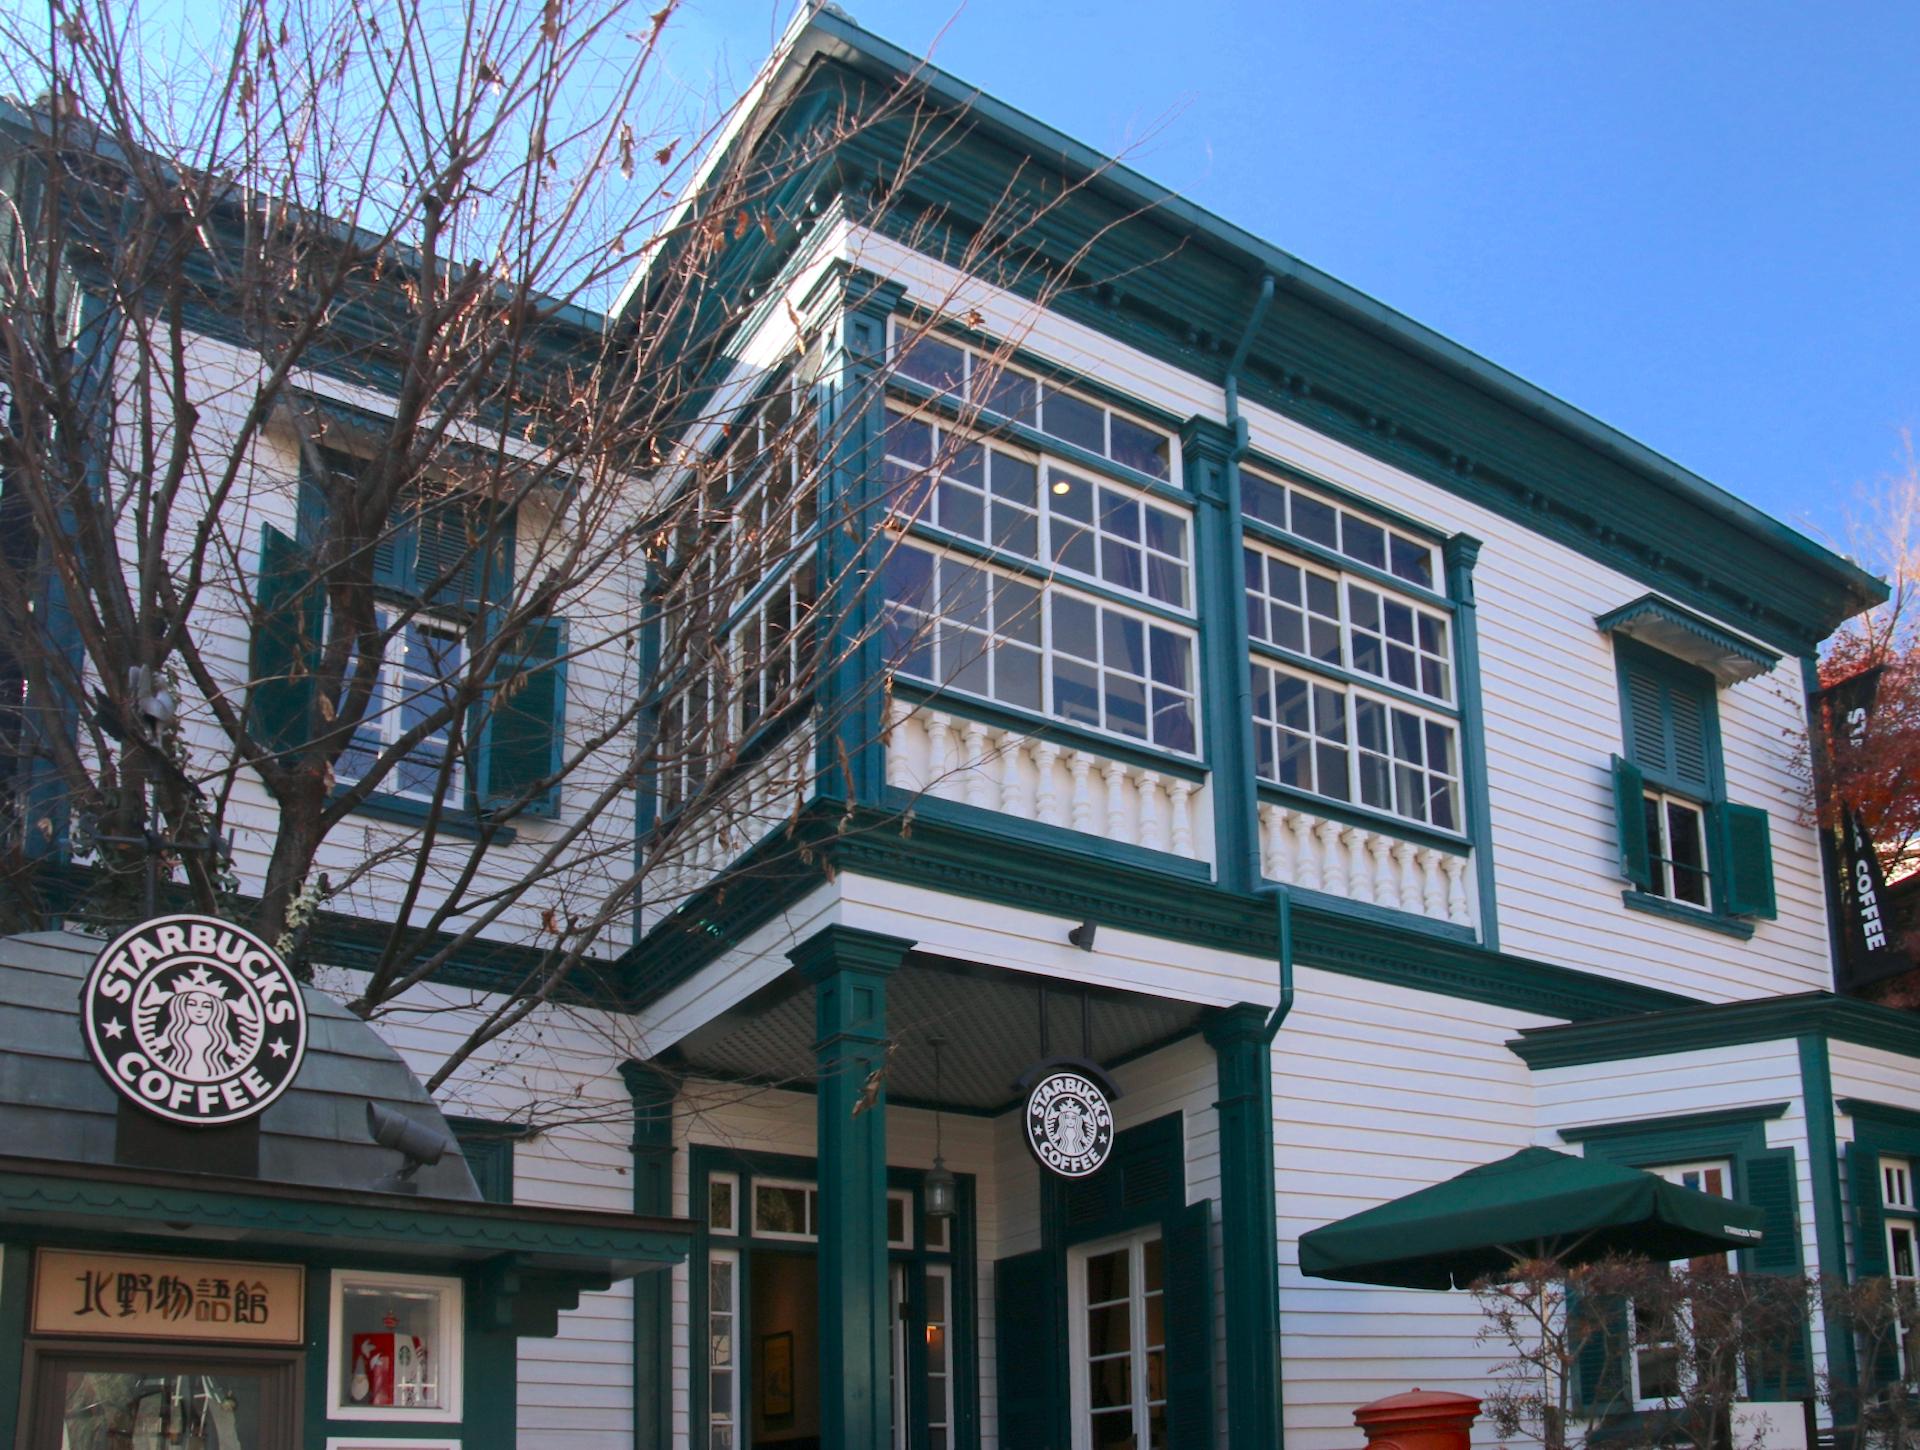 スターバックスコーヒー神戸北野異人館店(旧M.J.シェー邸)